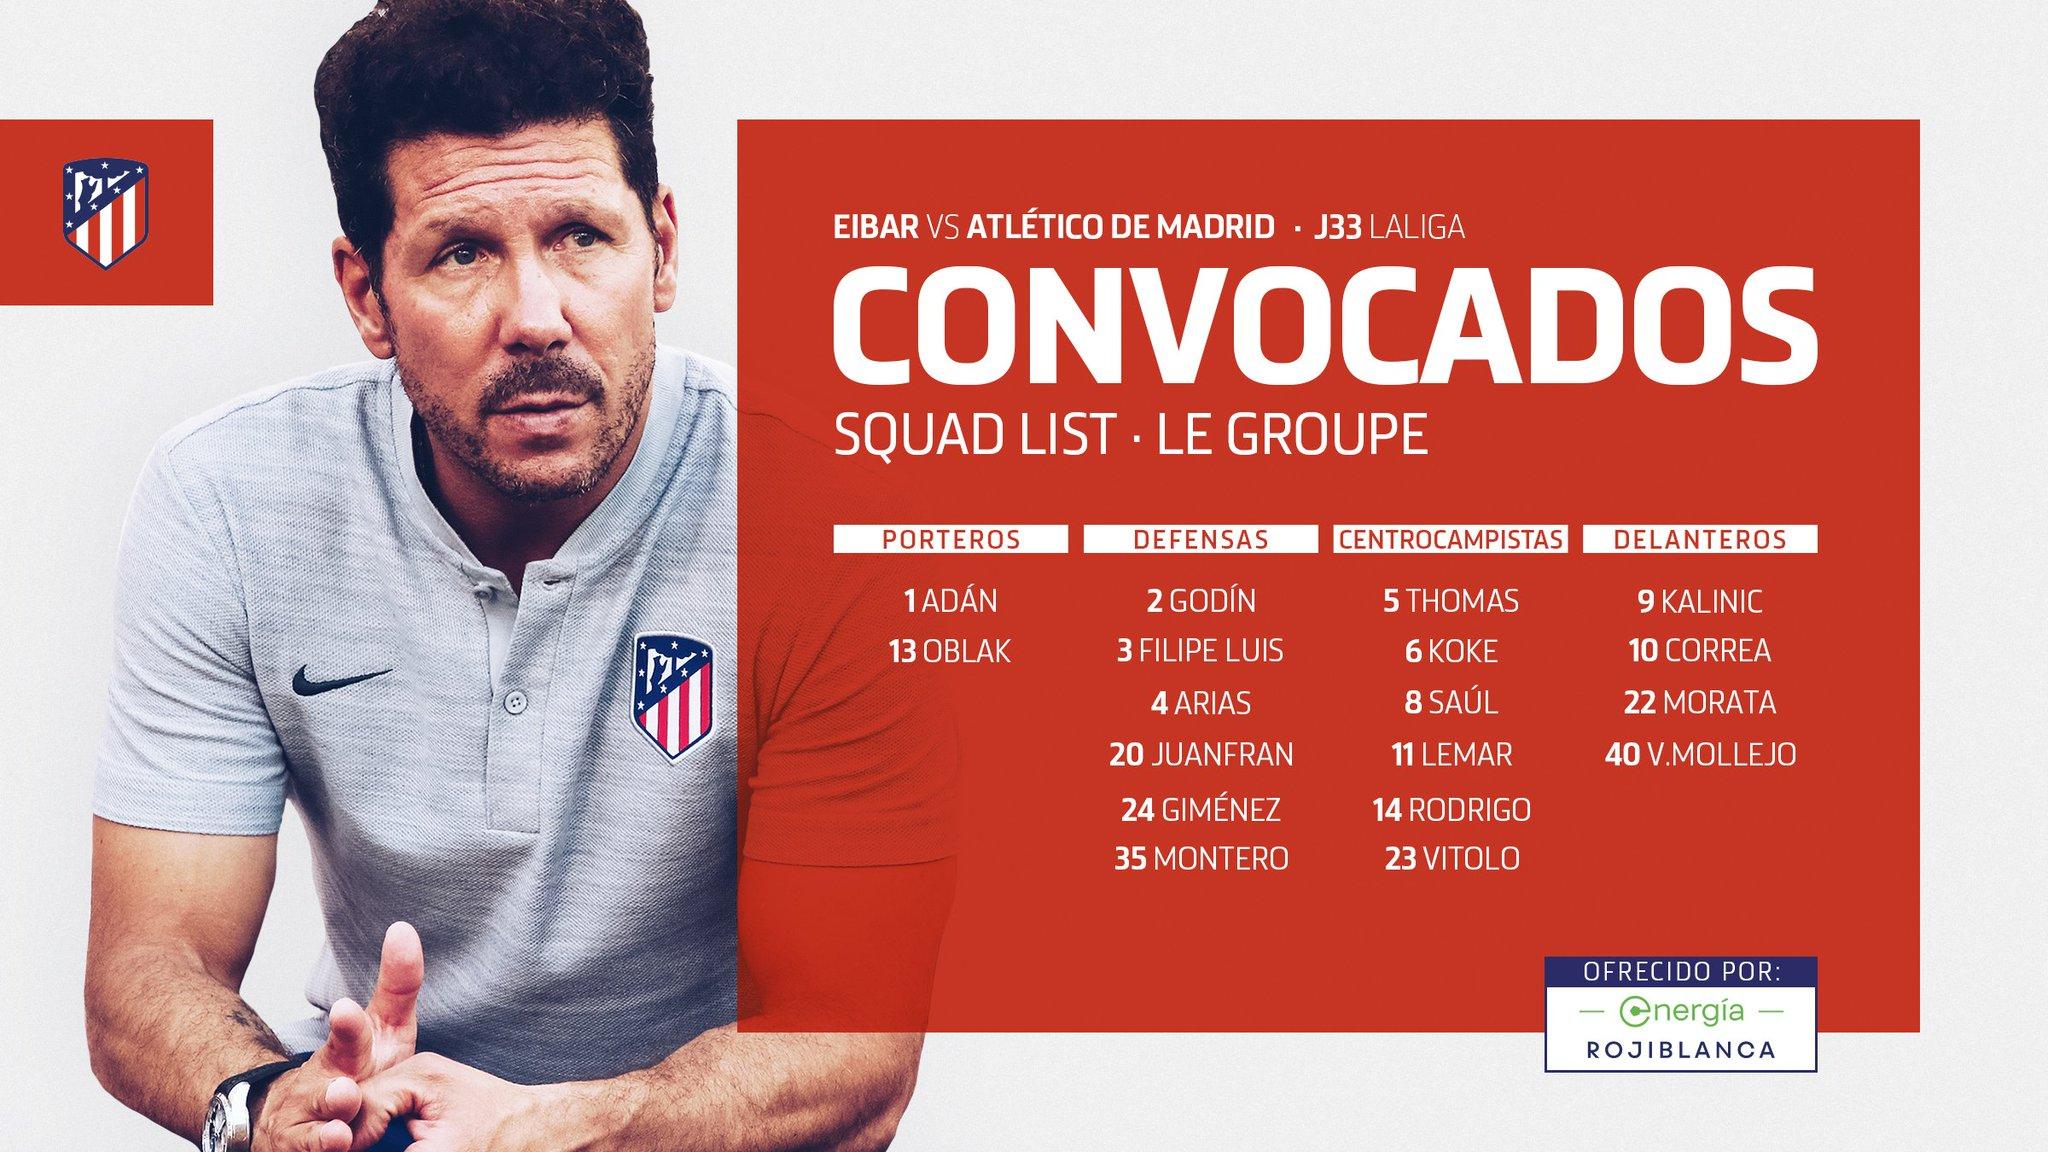 Convocatoria del Atlético de Madrid para Ipurua.